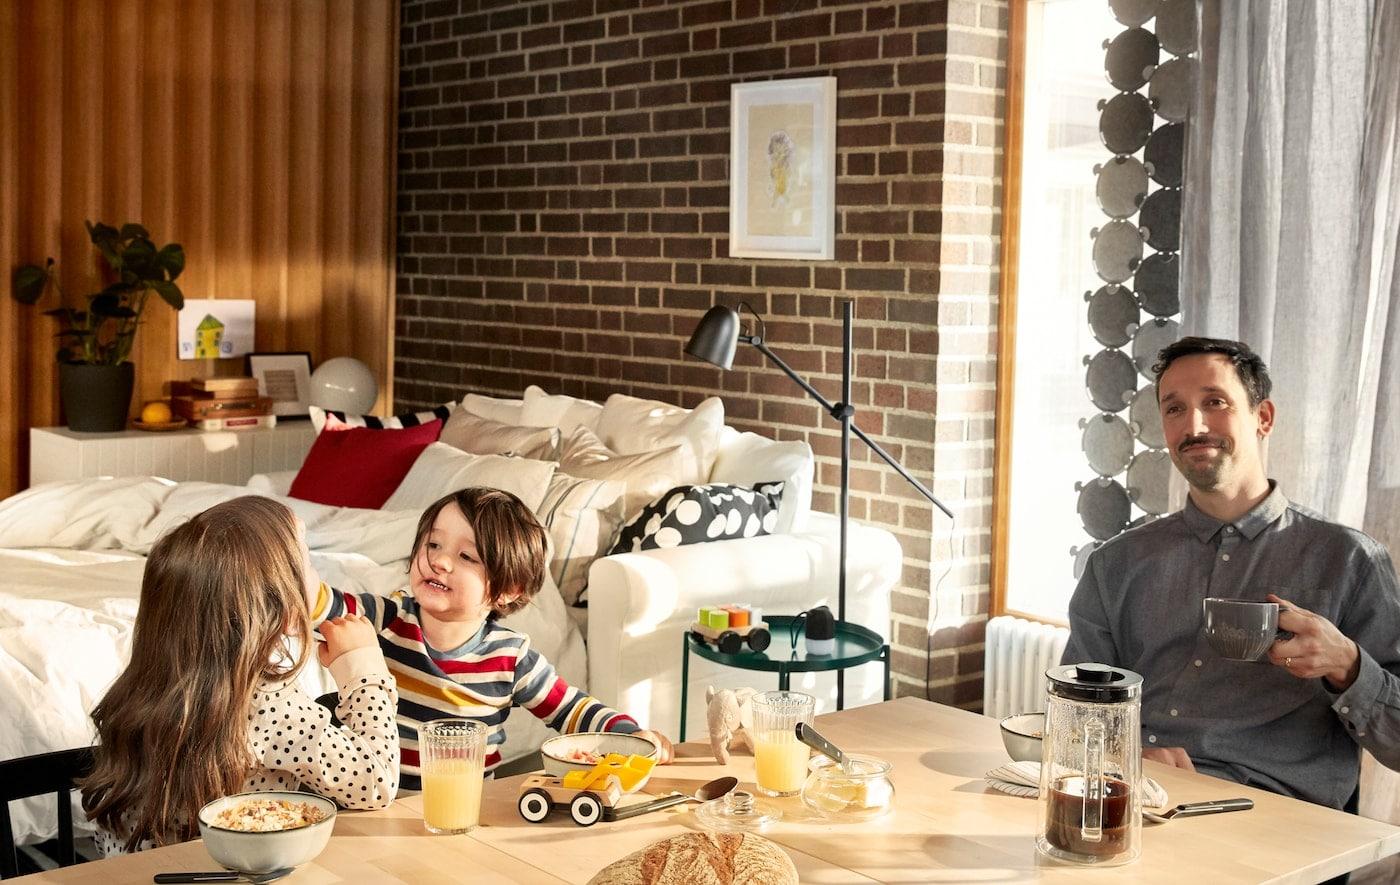 Otec sedí u snídaně a pije kávu, jeho dvě děti si hrají vedle něj